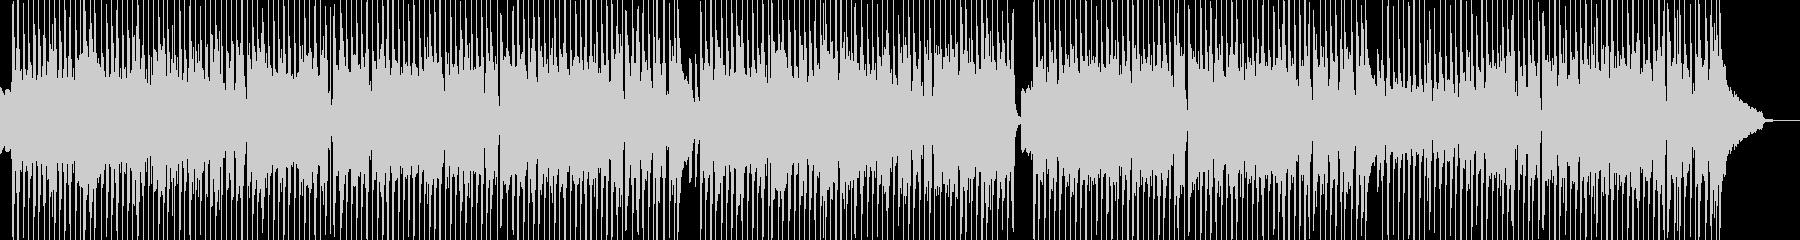 日常的なほのぼの打楽器ポップス 長尺★の未再生の波形